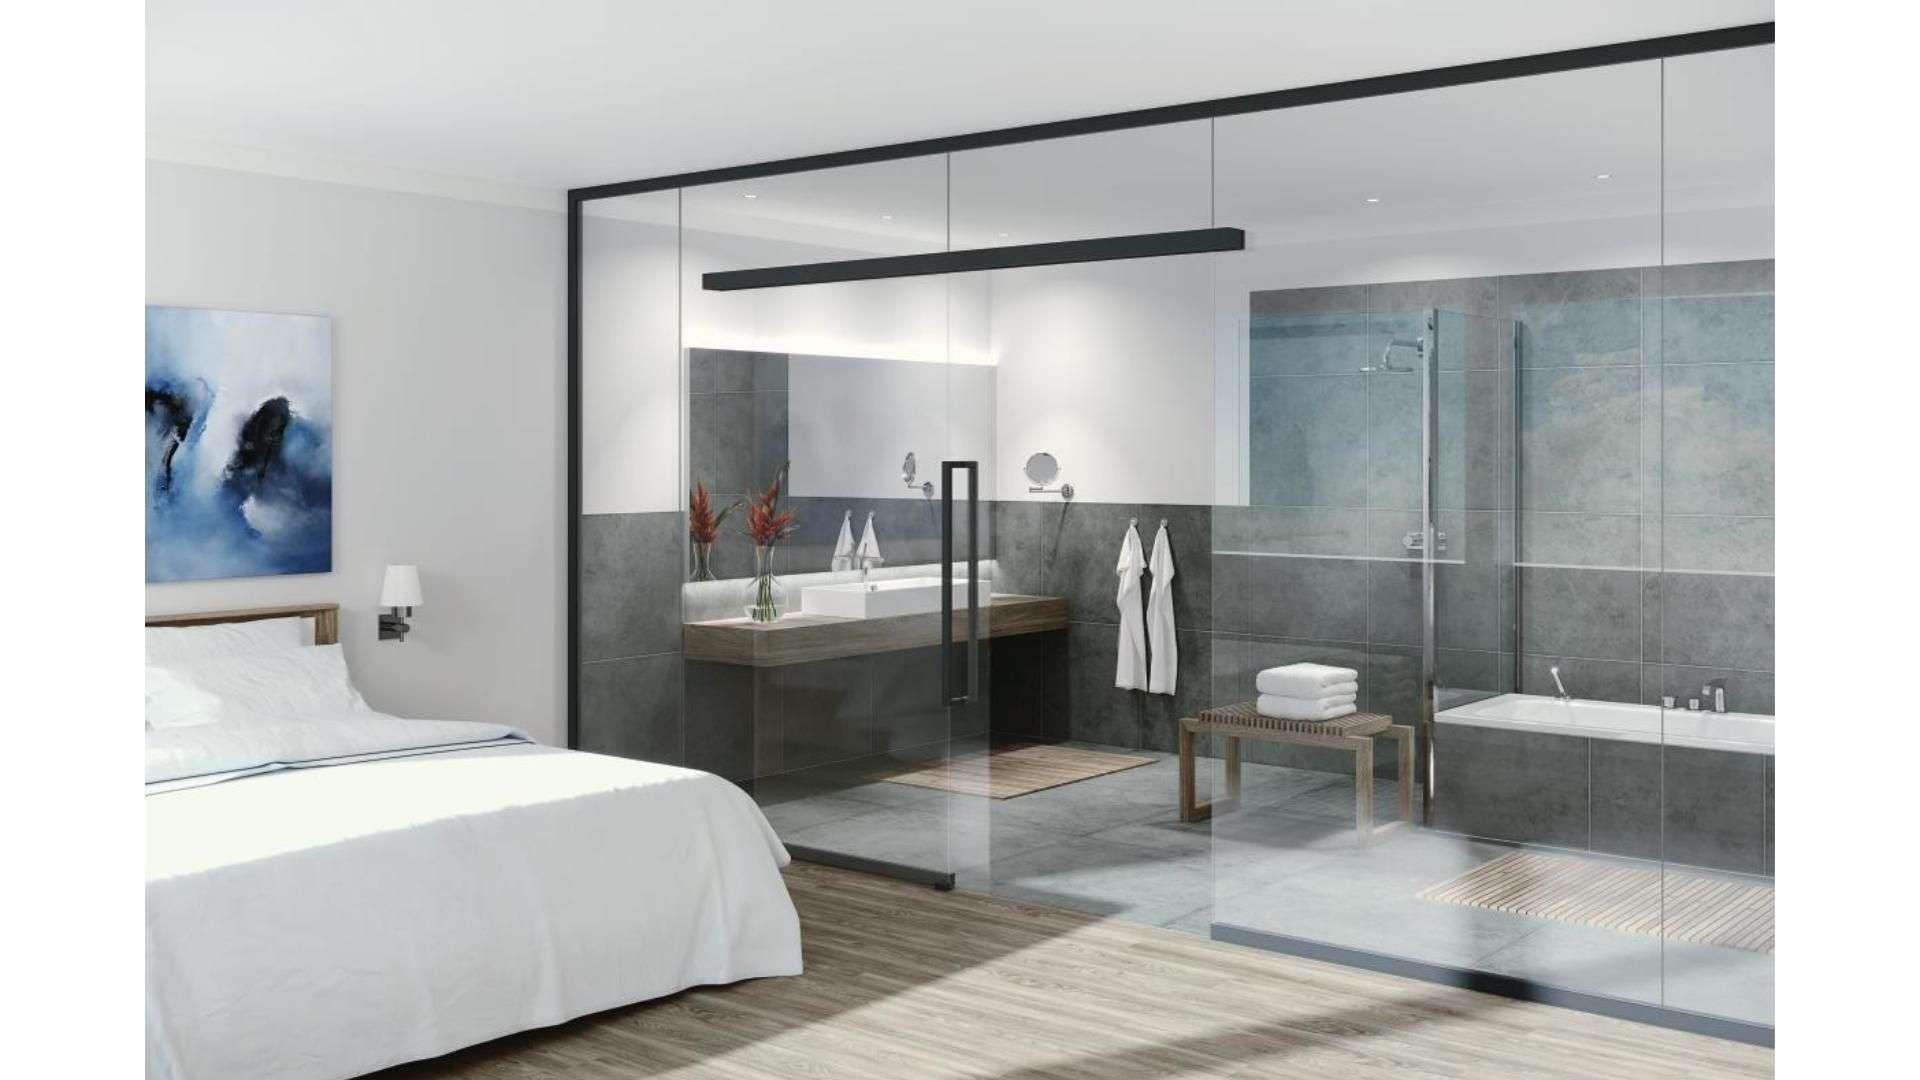 Ganzglas-Anlage zwischen Schlaf- und Badezimmer